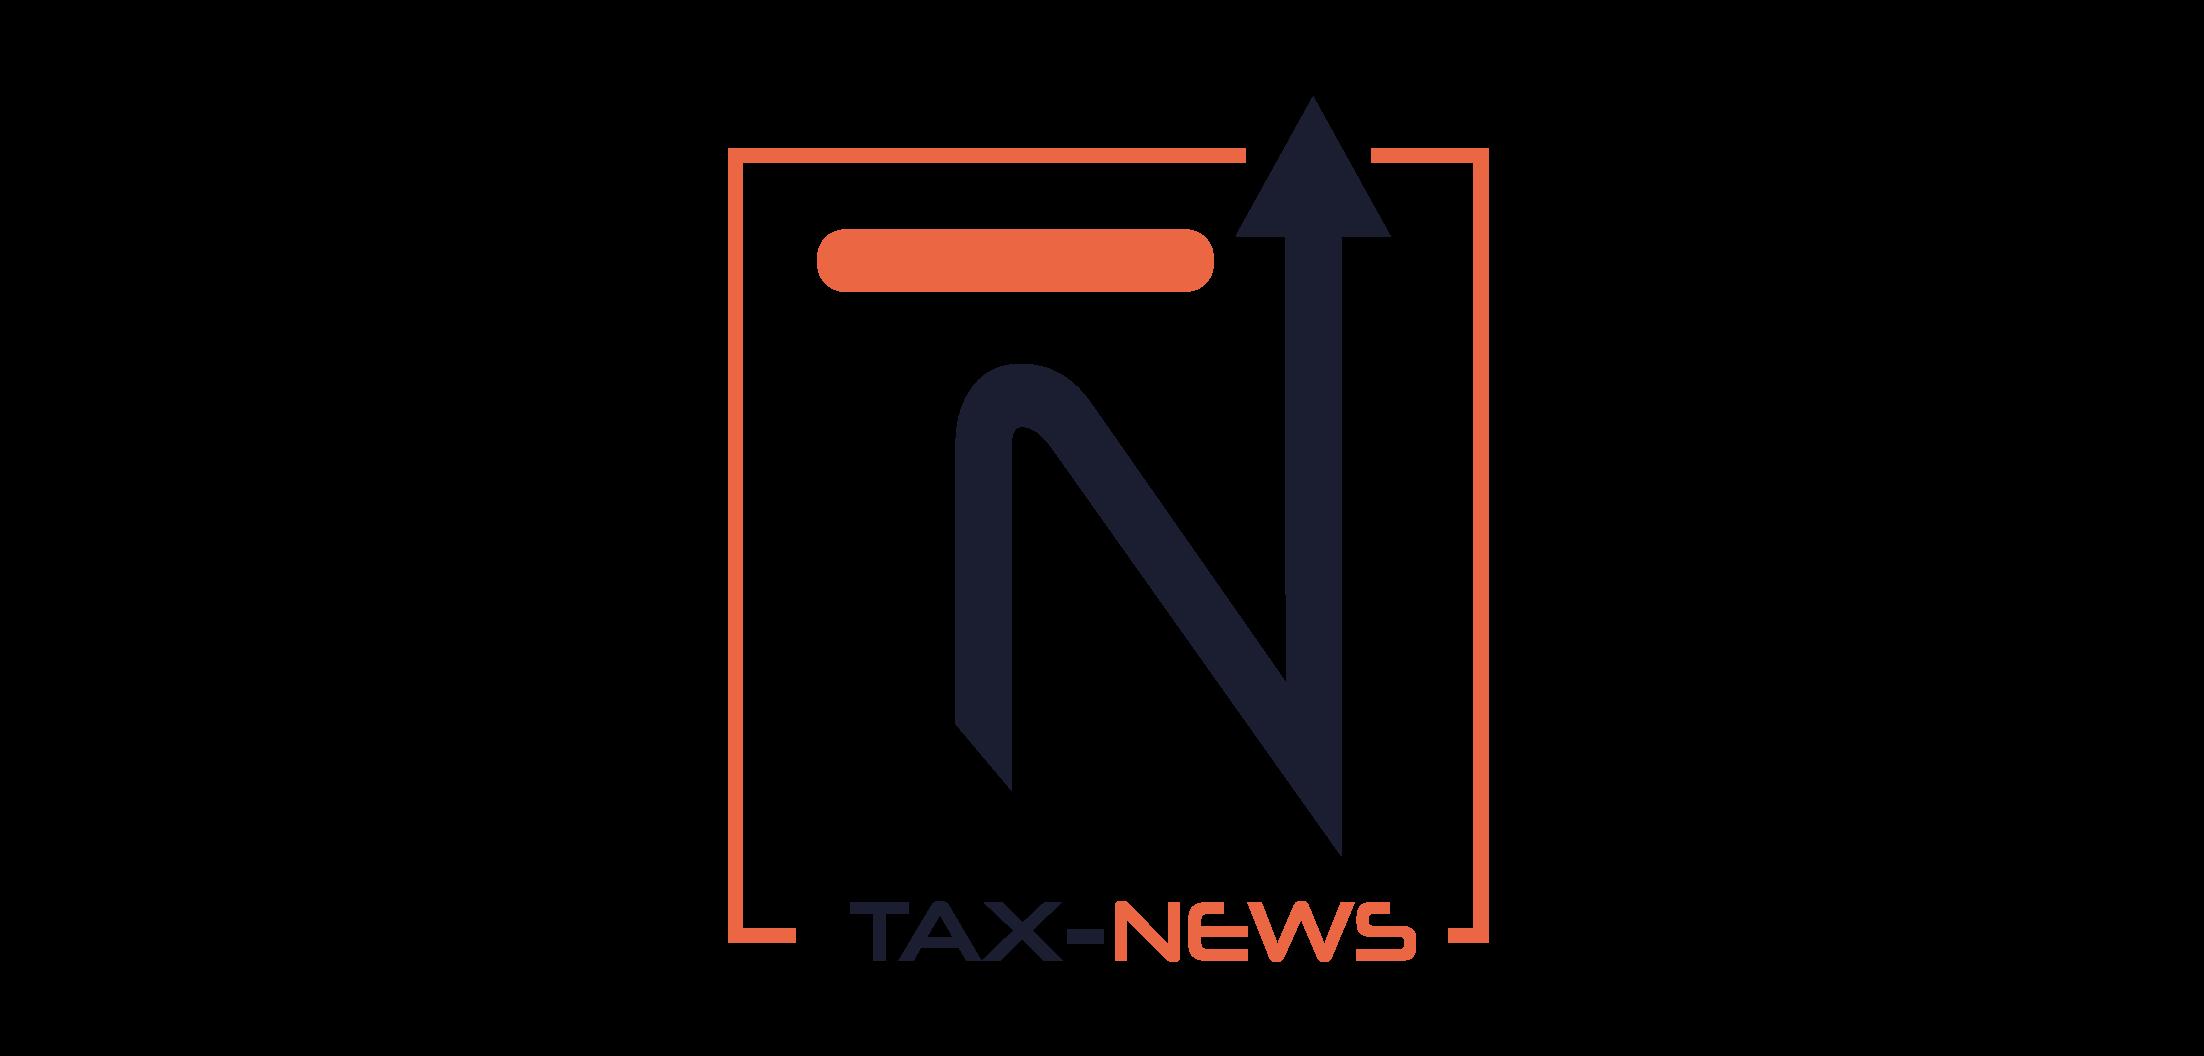 www.Tax-news.ma